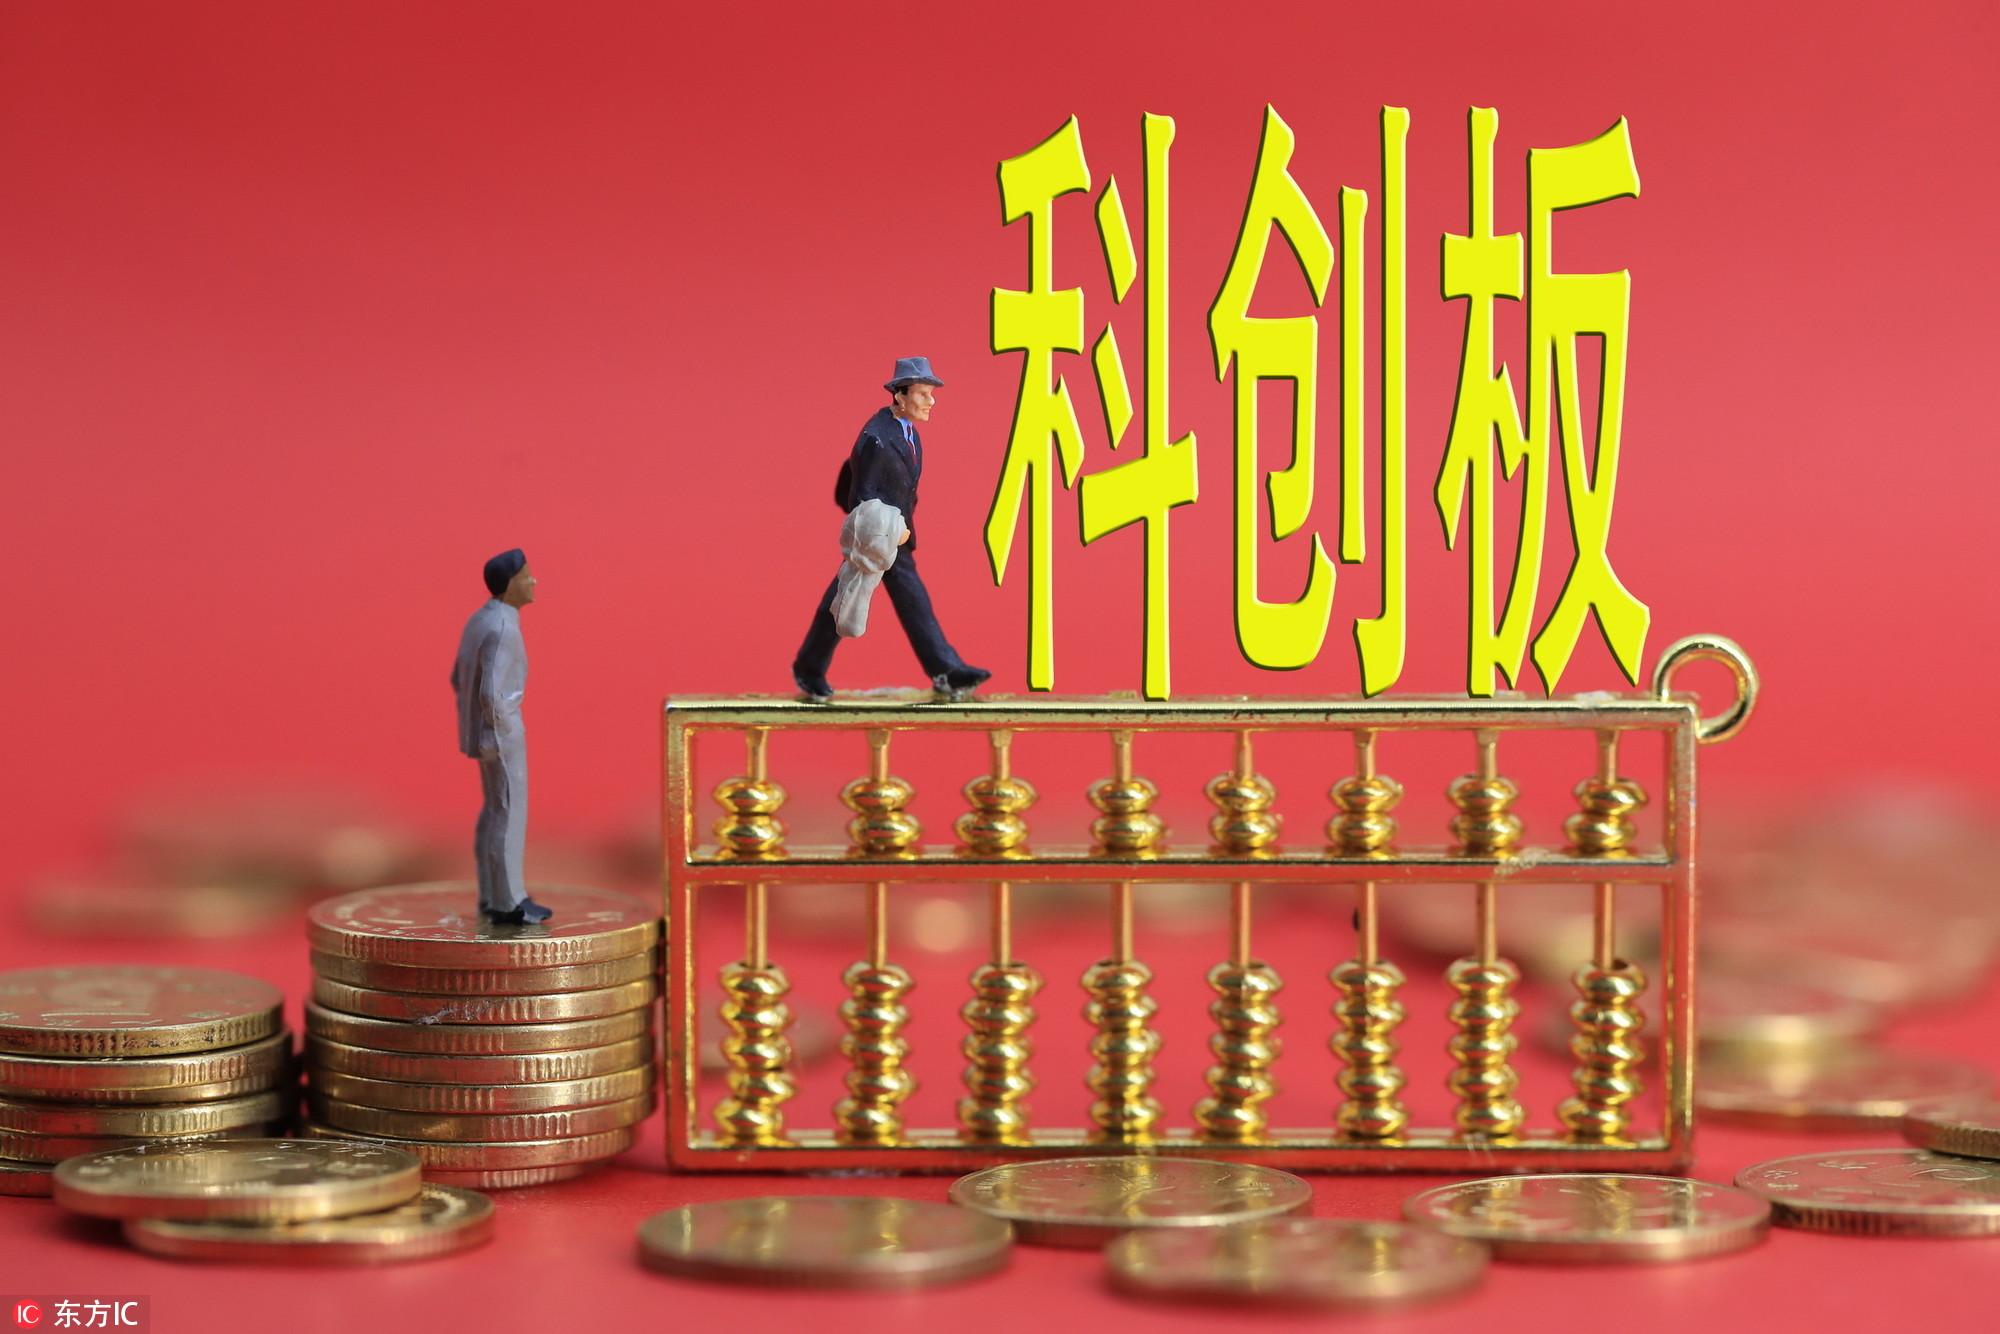 中国式企业IPO:科创板、香港主板、纳斯达克全对比